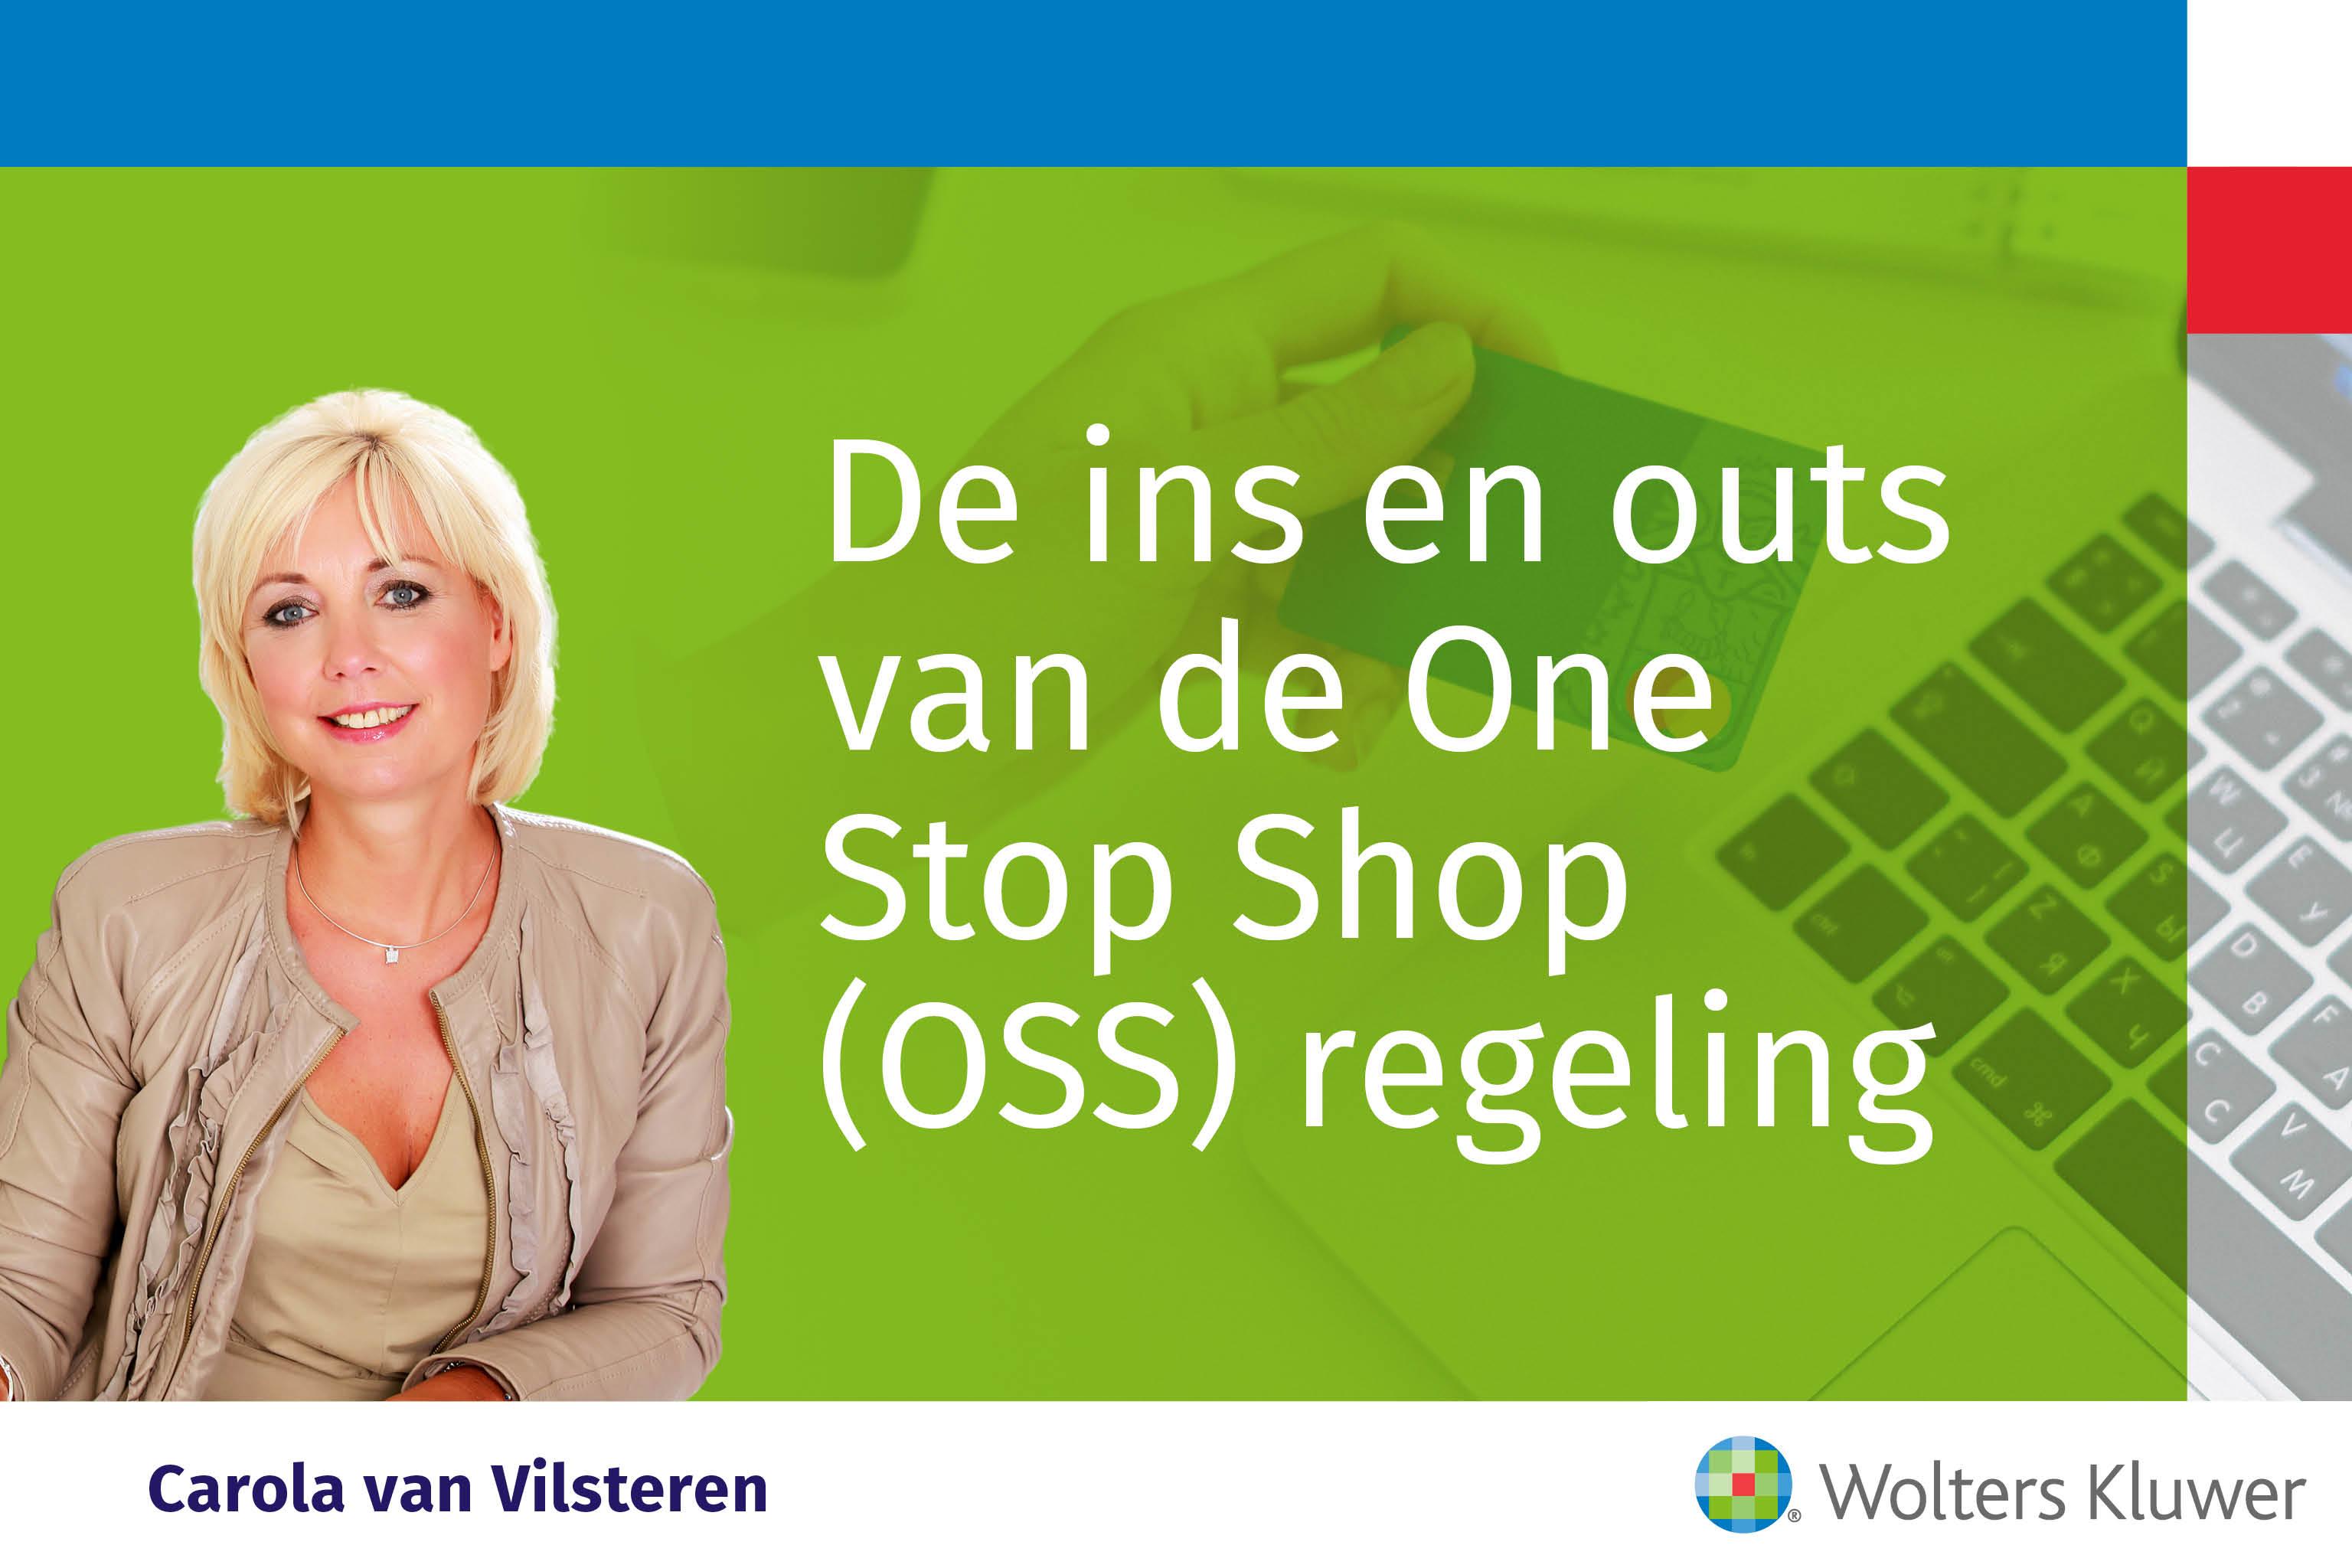 Carola van Vilsteren video OSS